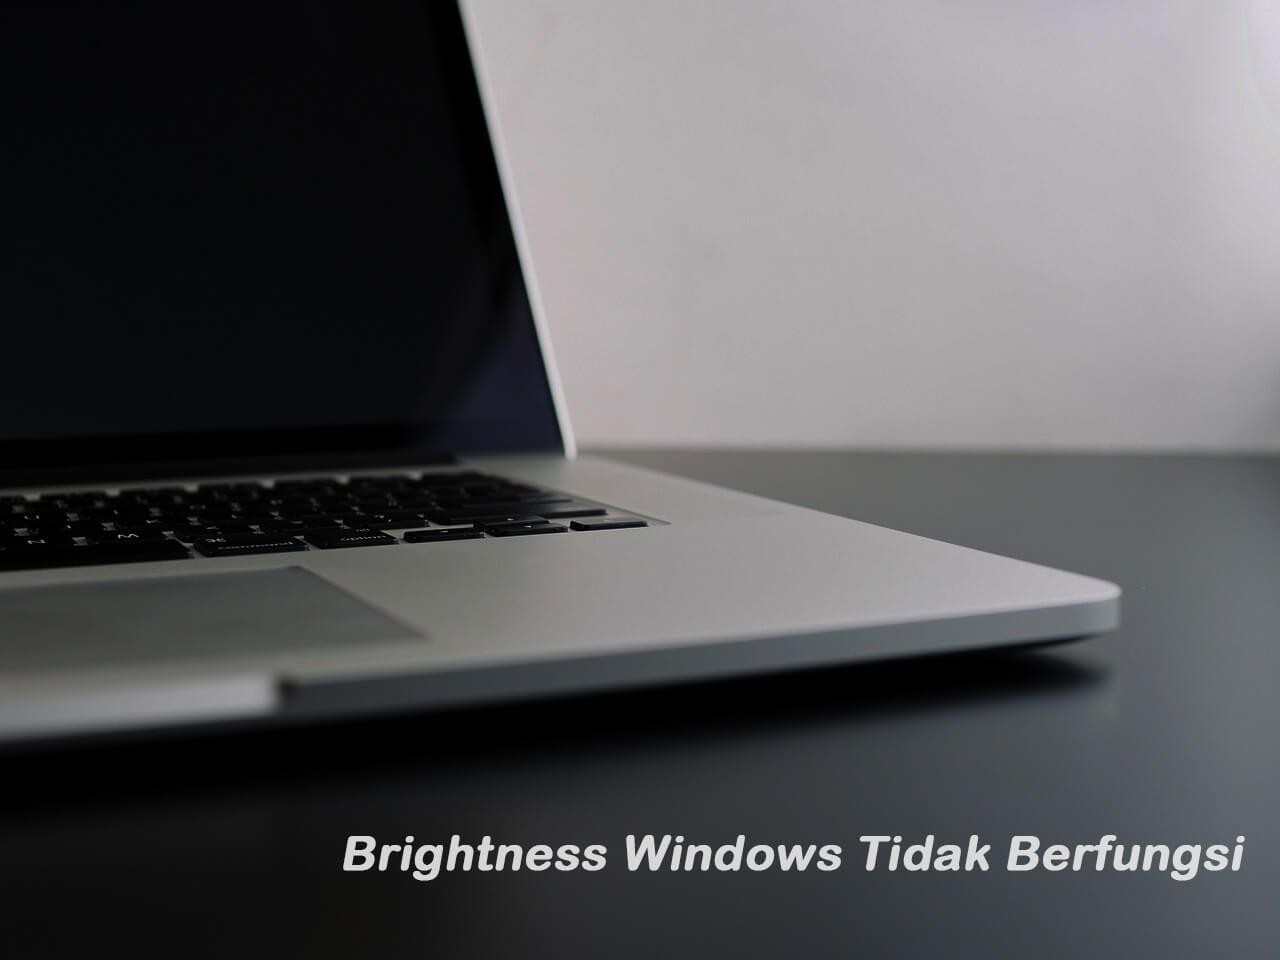 Brightness Windows Tidak Bisa Diatur Di Komputer Dan Laptop